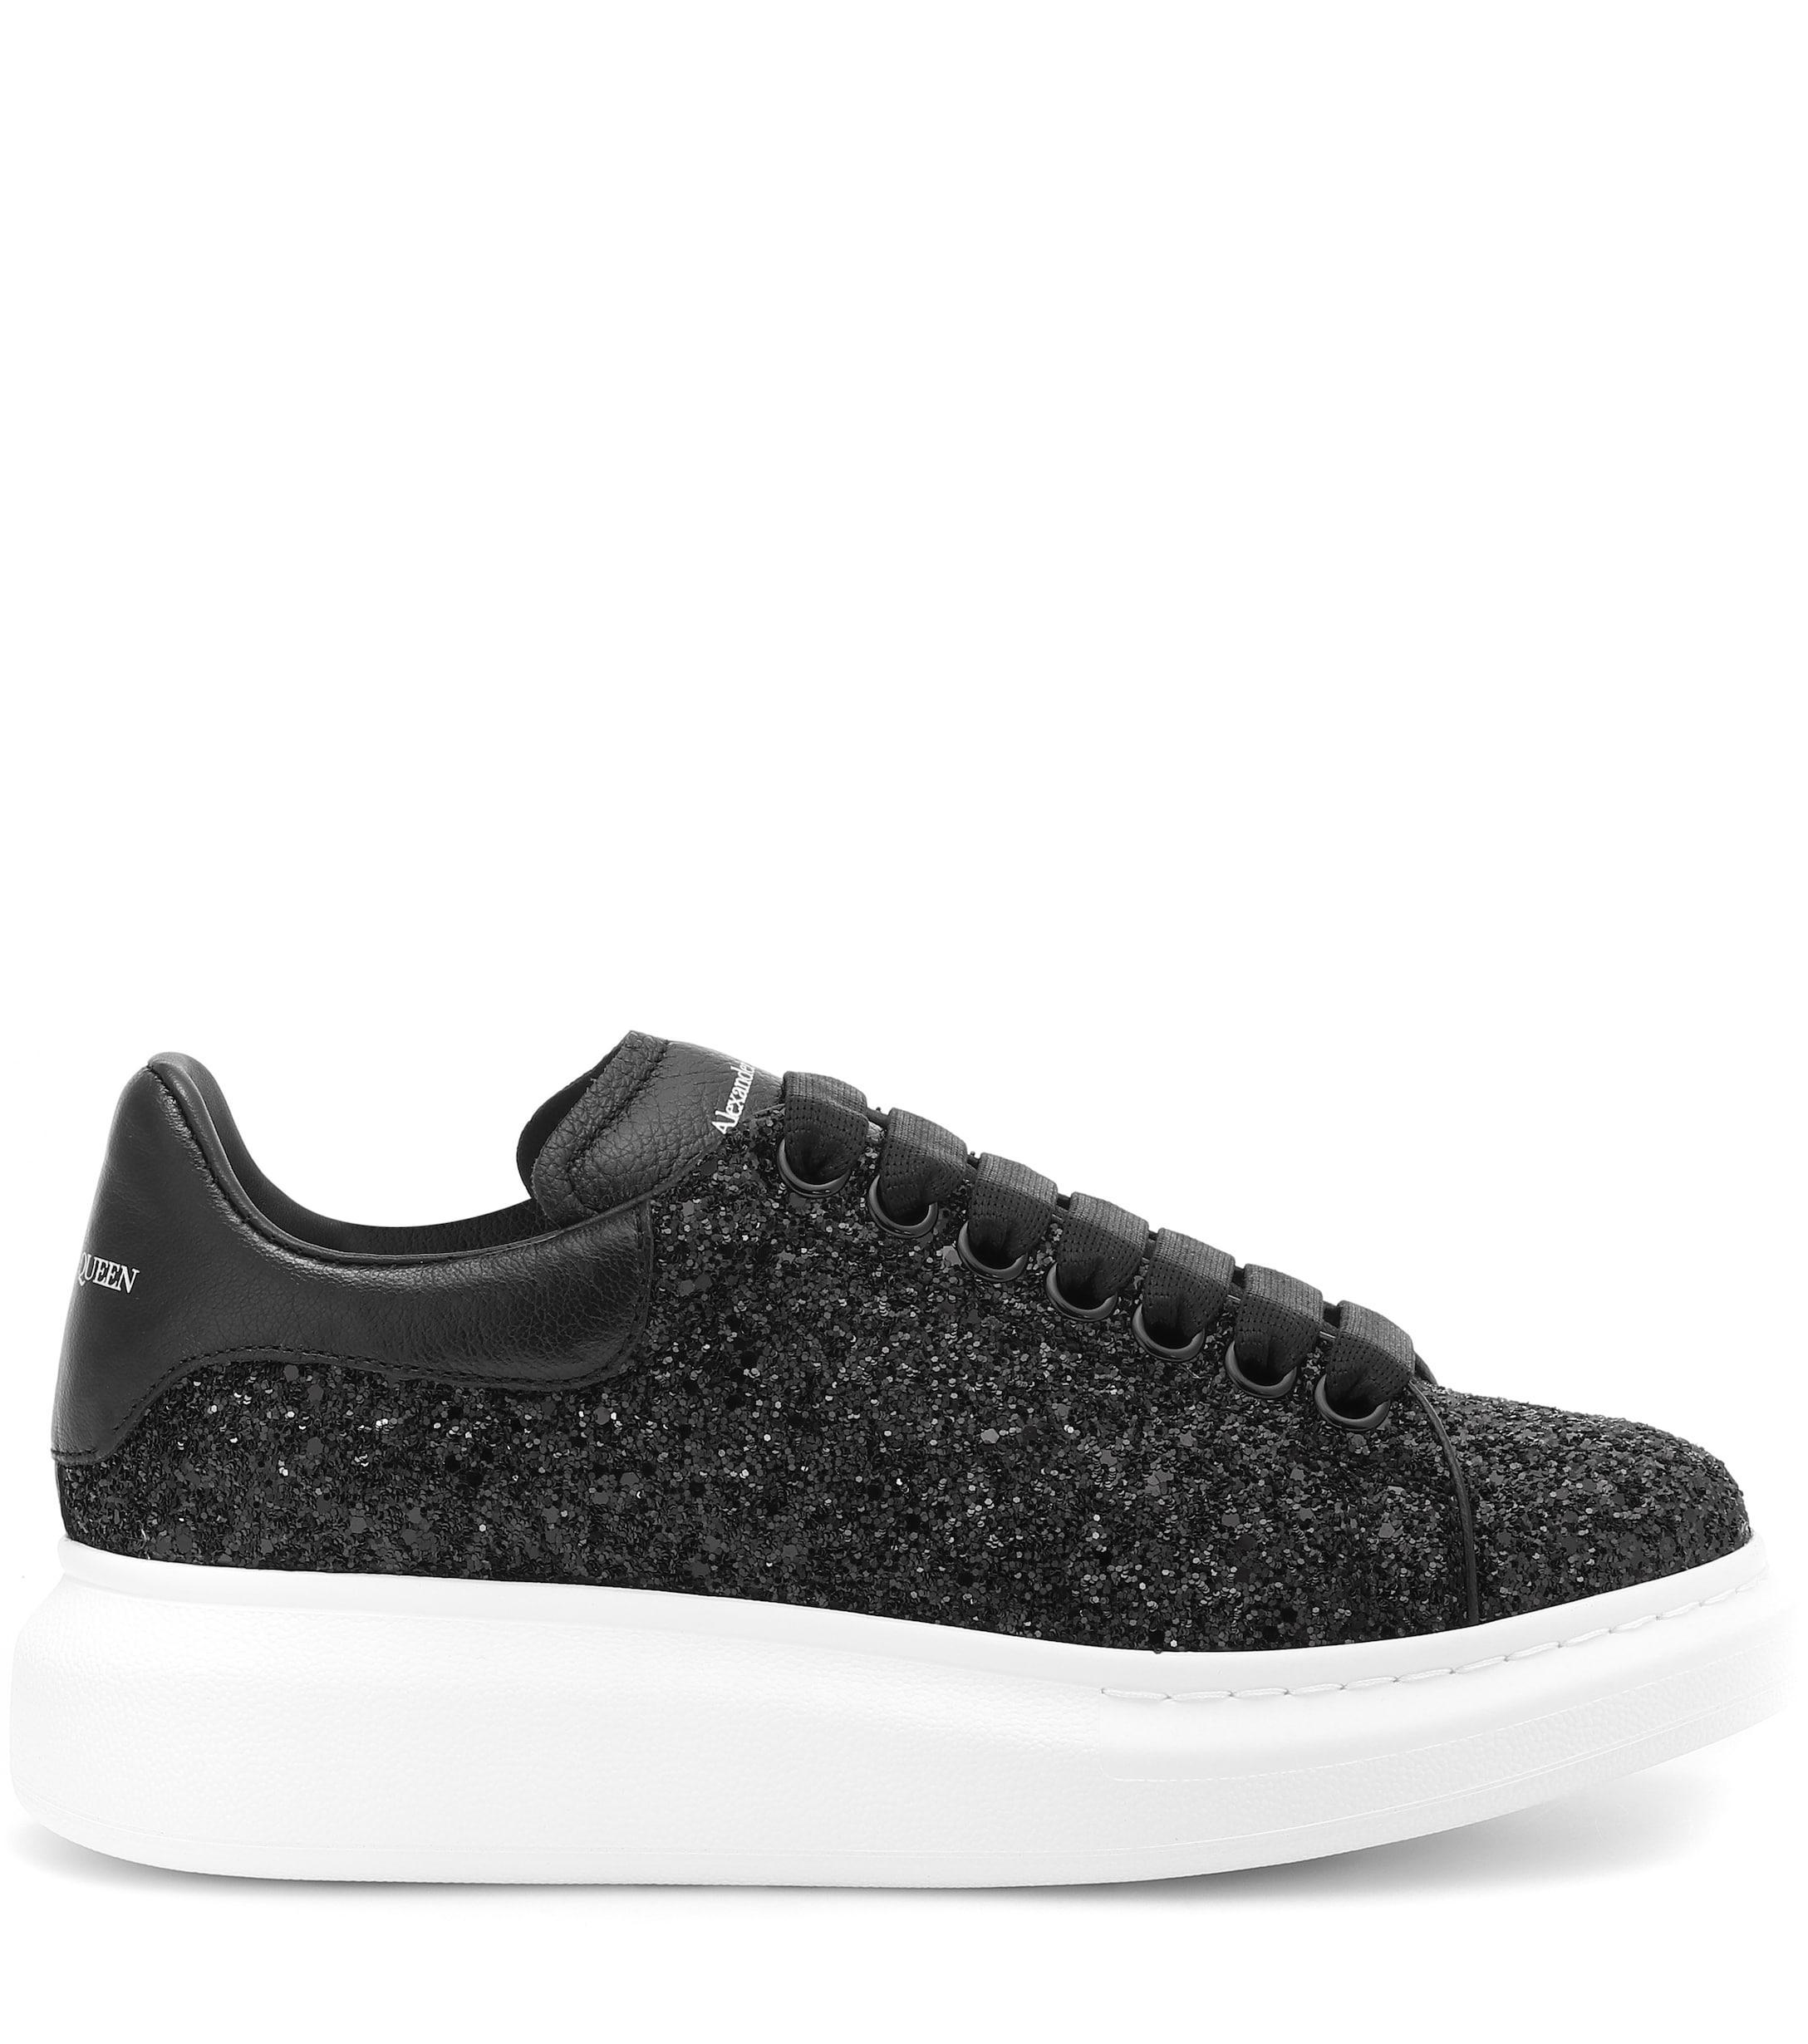 Black Glitter Oversized Sneakers